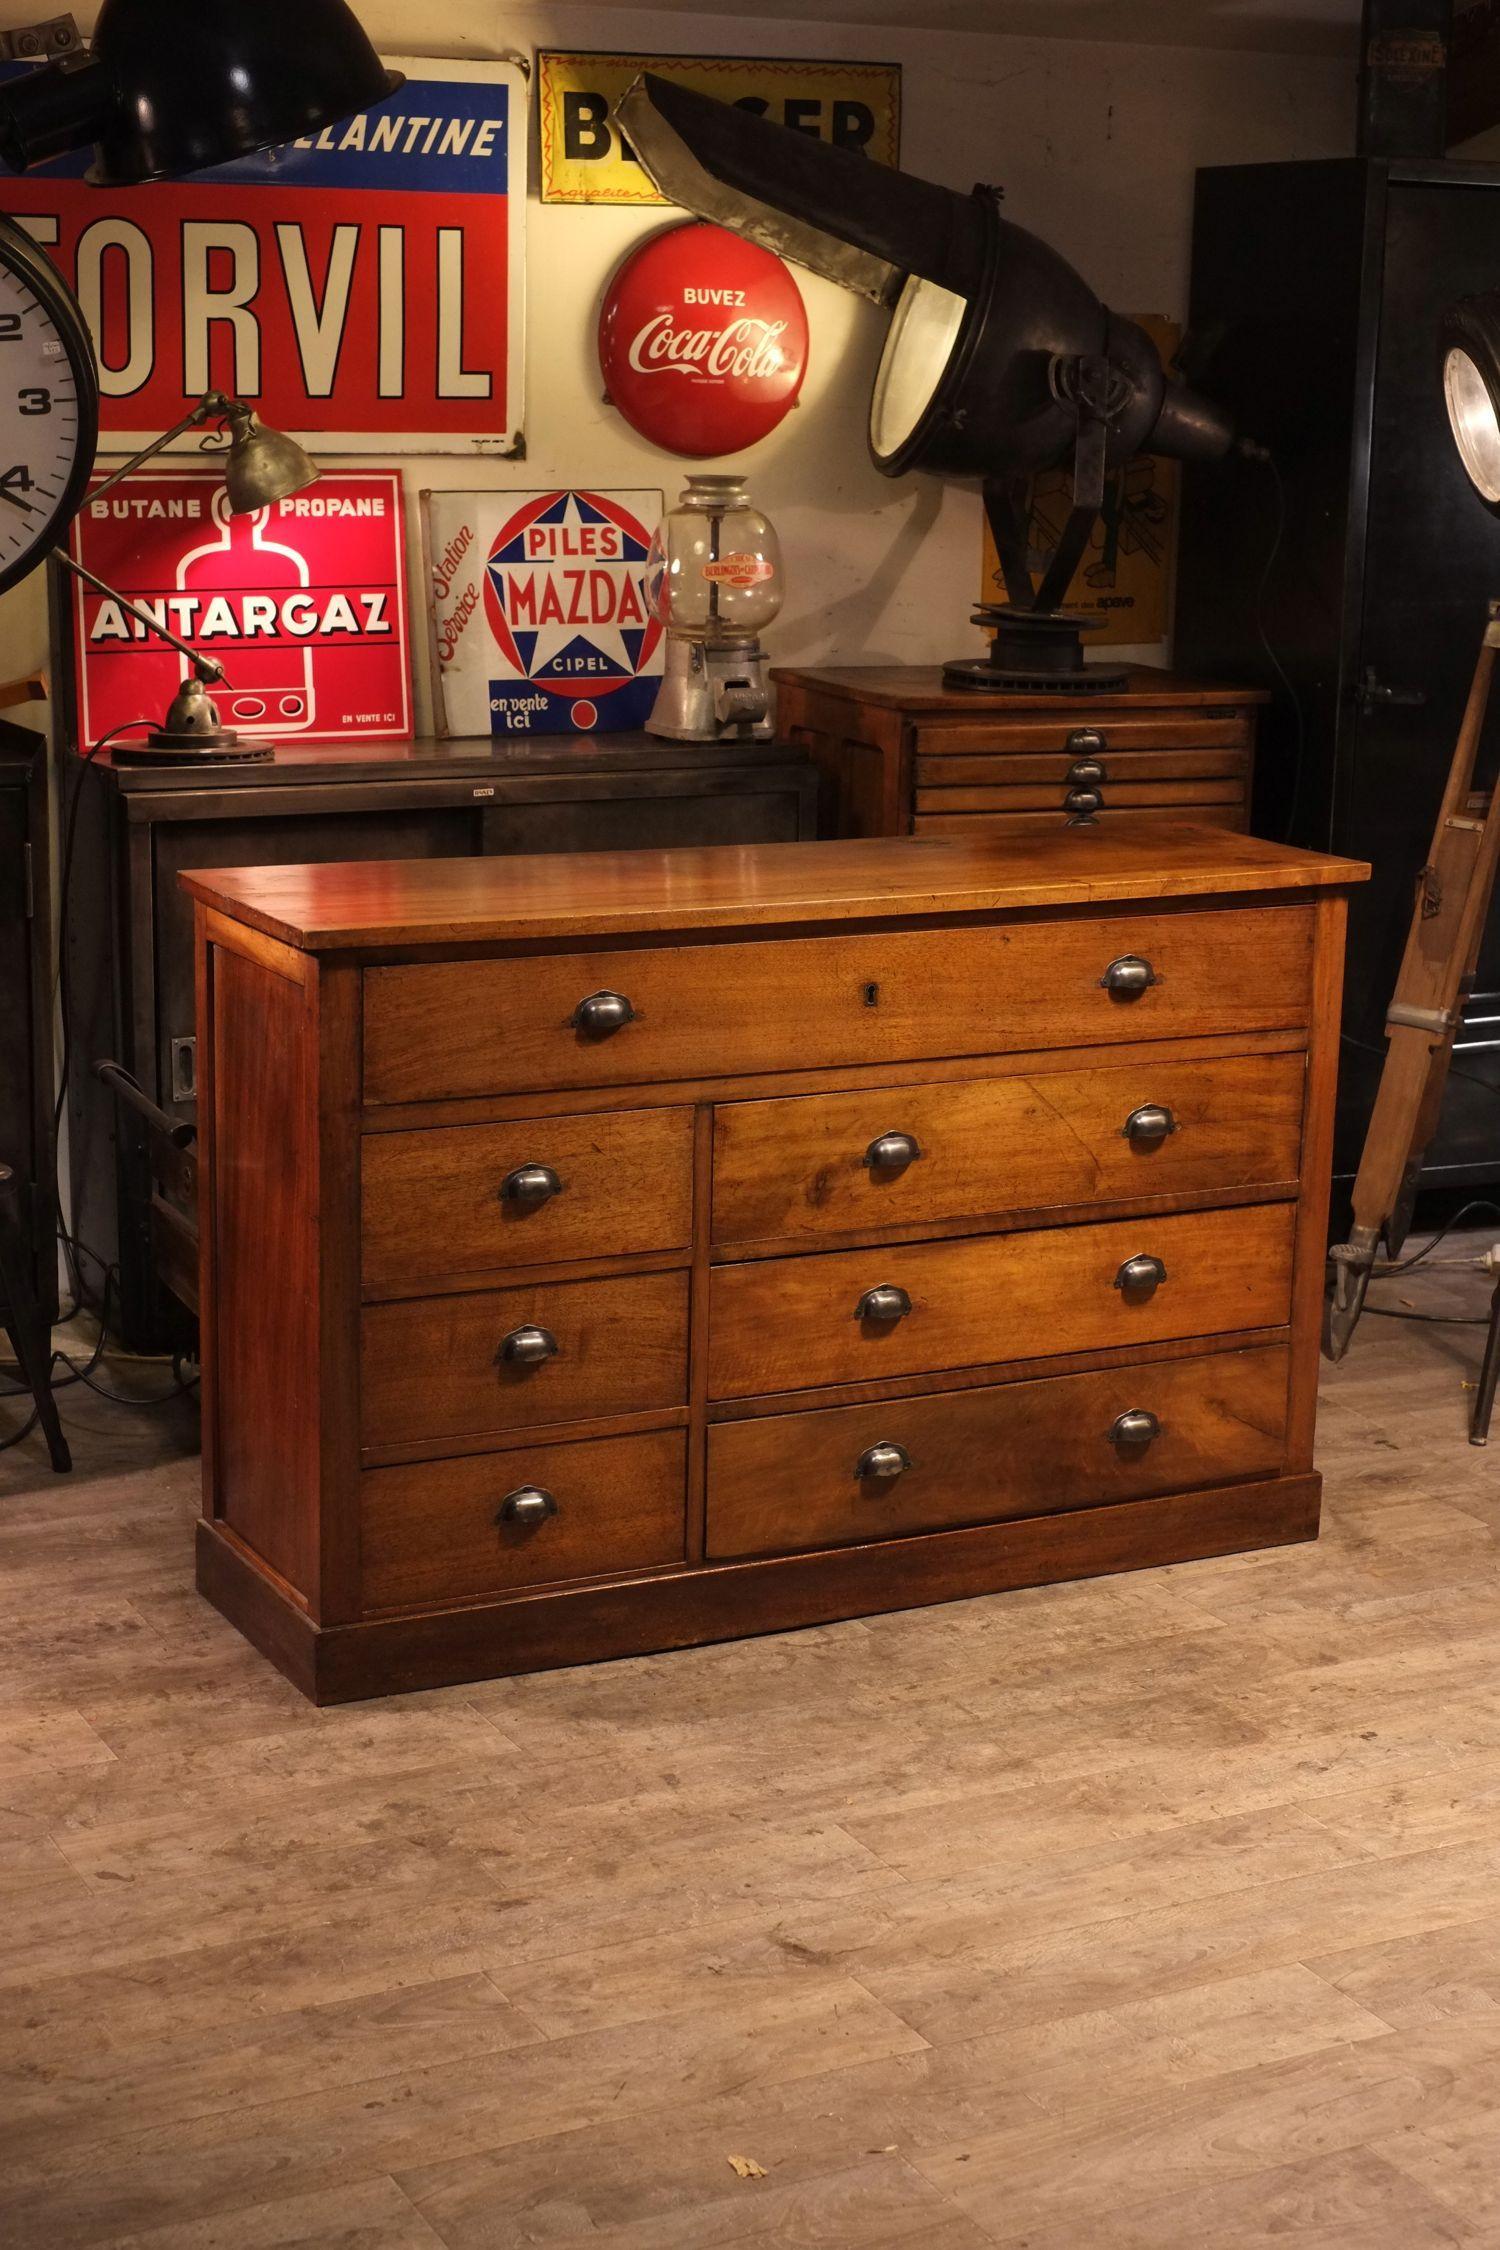 meuble de metier ancien deco loft organize pinterest. Black Bedroom Furniture Sets. Home Design Ideas